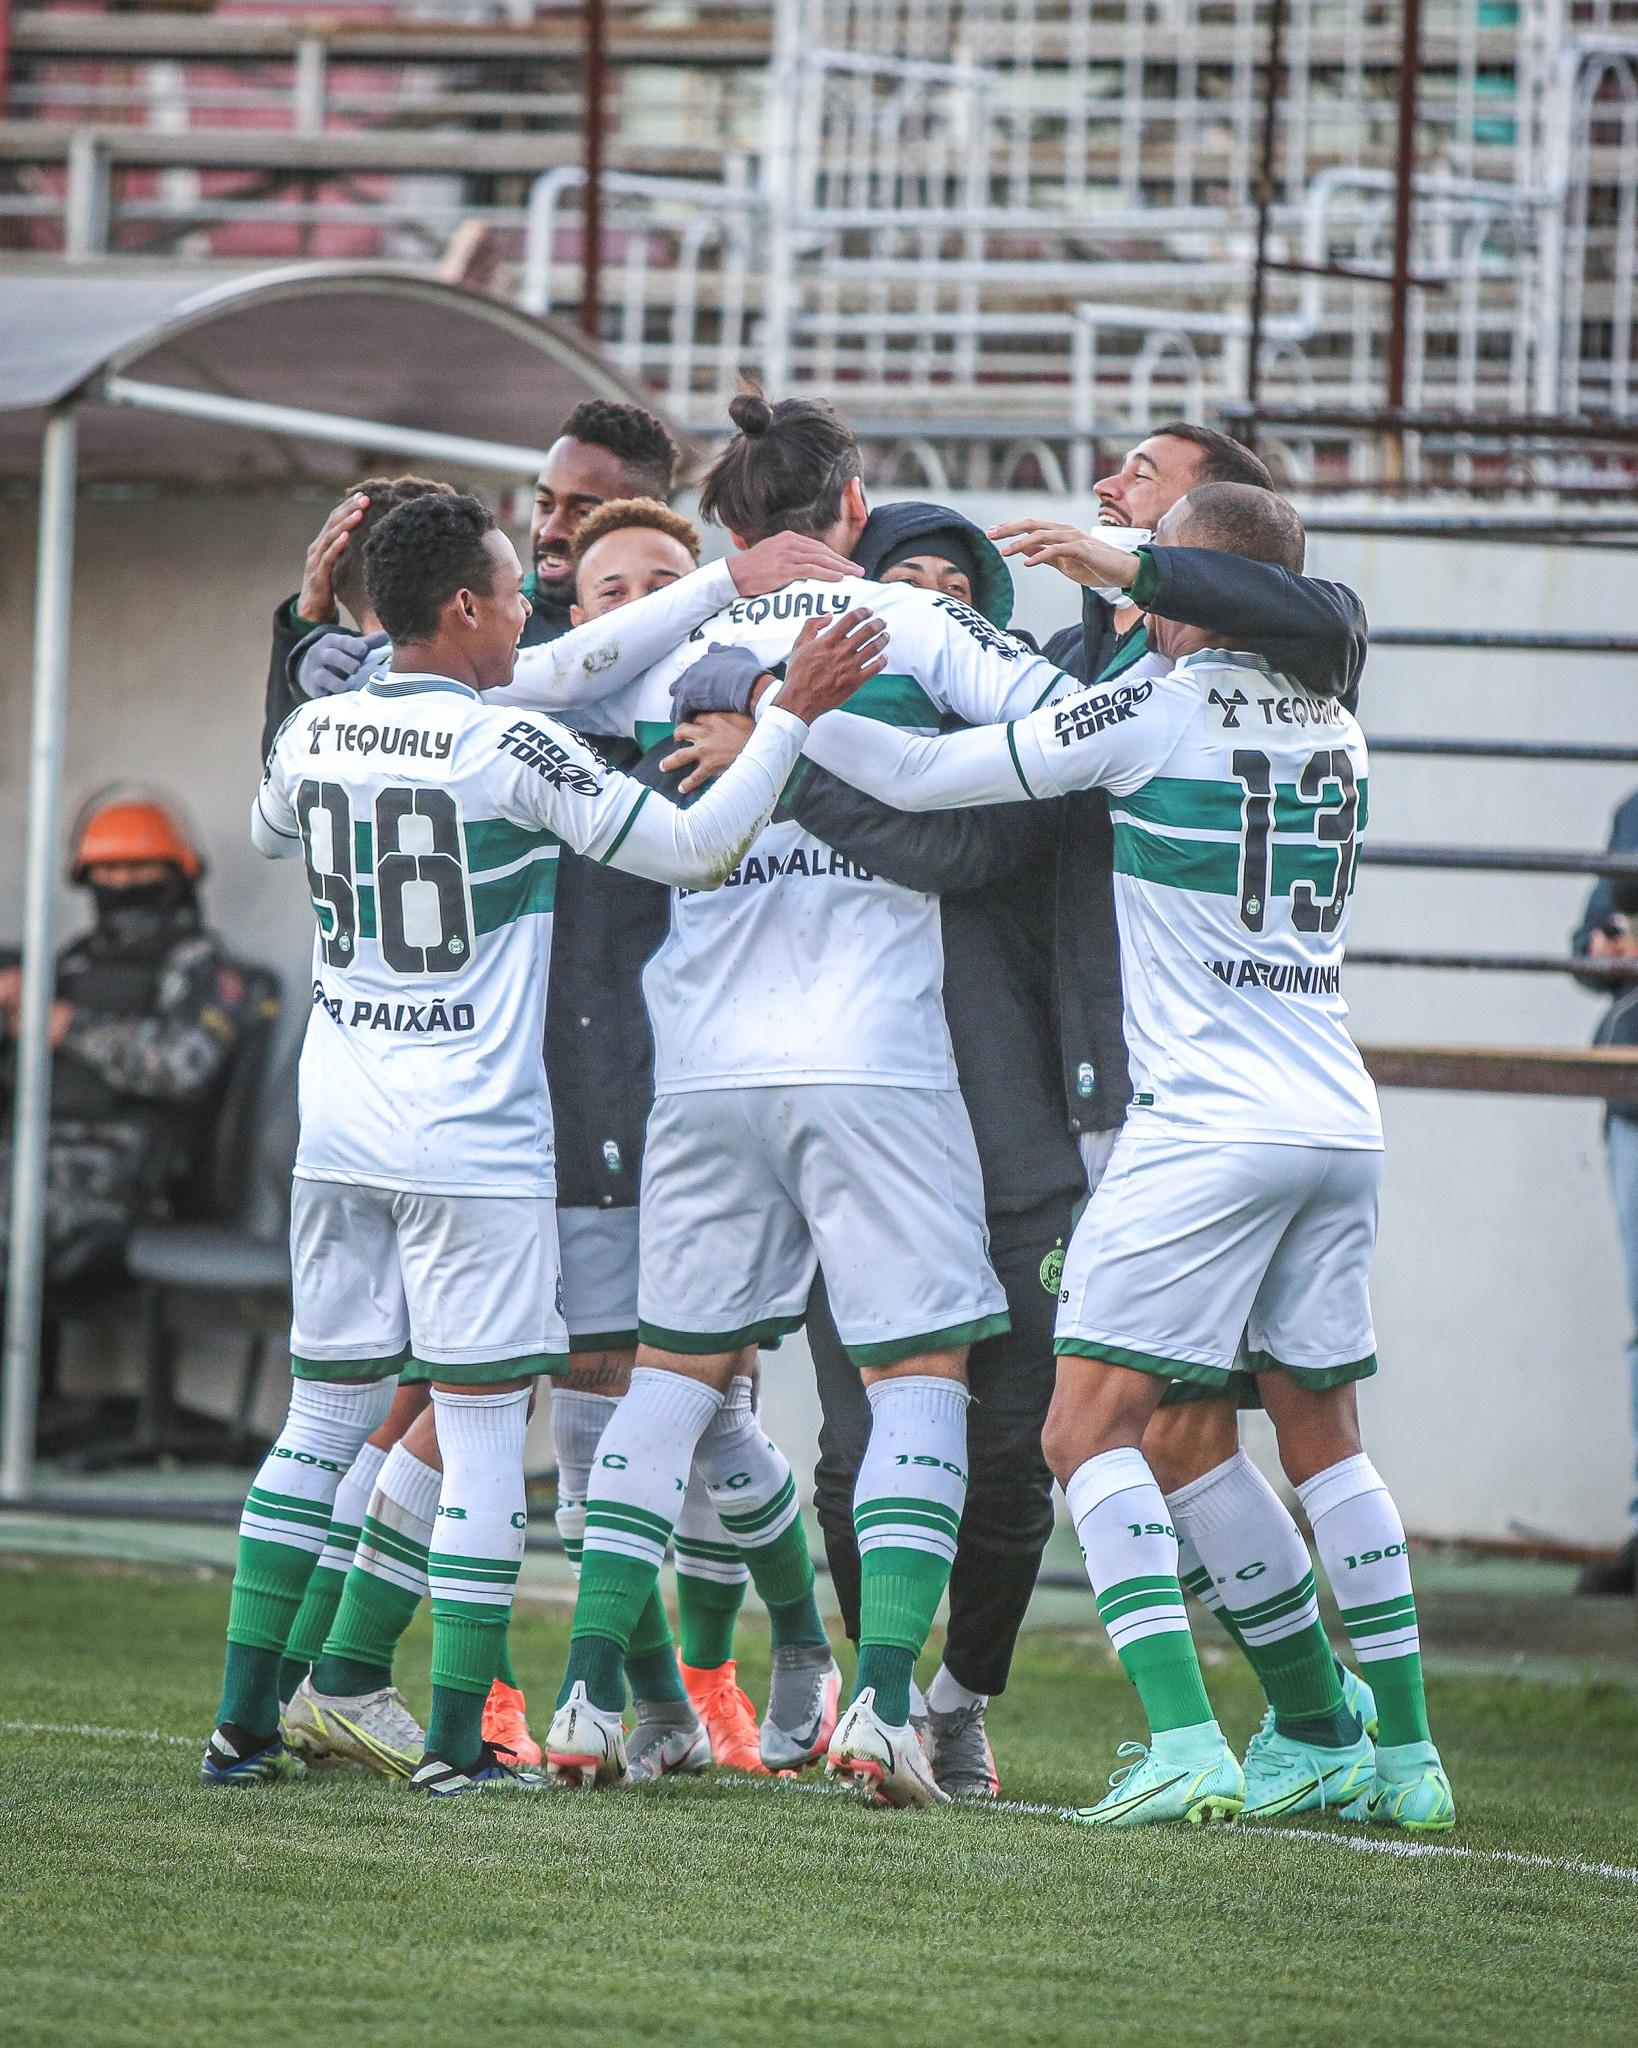 Vitória sobre o Brasil de Pelotas, no Bento Freitas, e derrota do Náutico diante do Sampaio Corrêa faz Coxa assumir a liderança